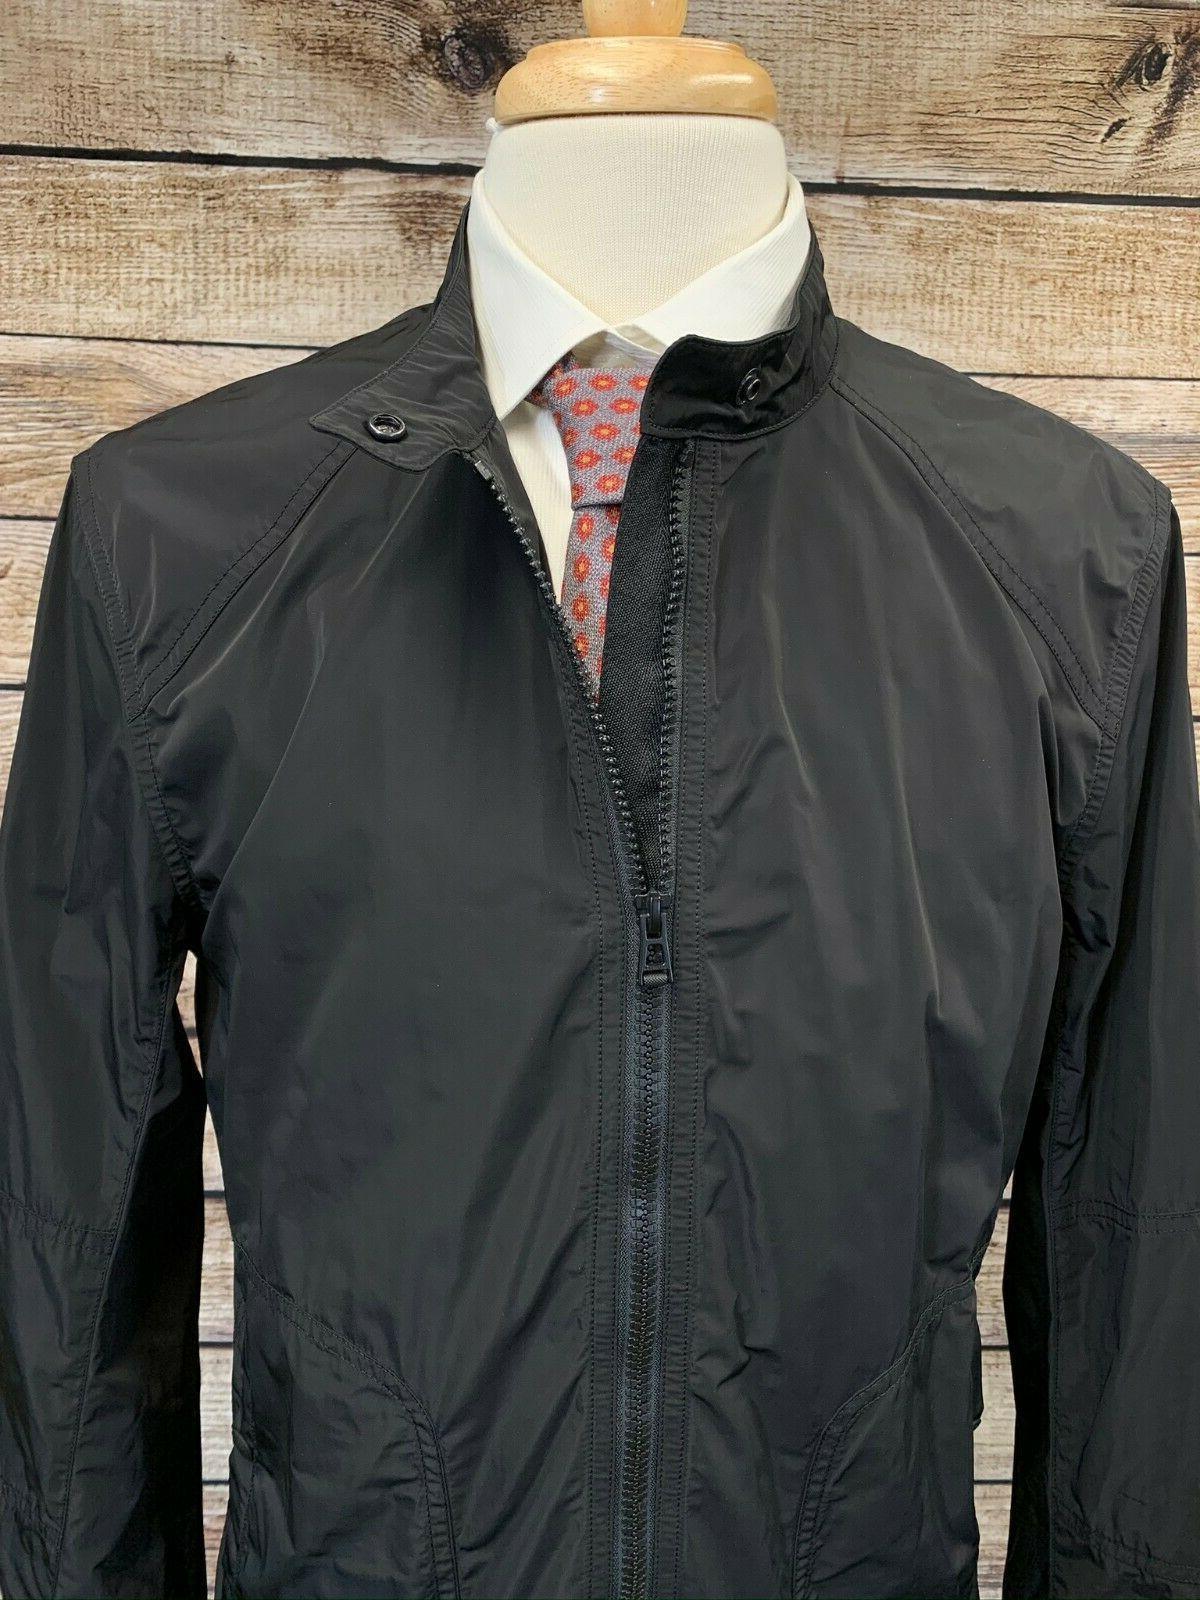 nwt ravenstone cafe racer jacket size 42